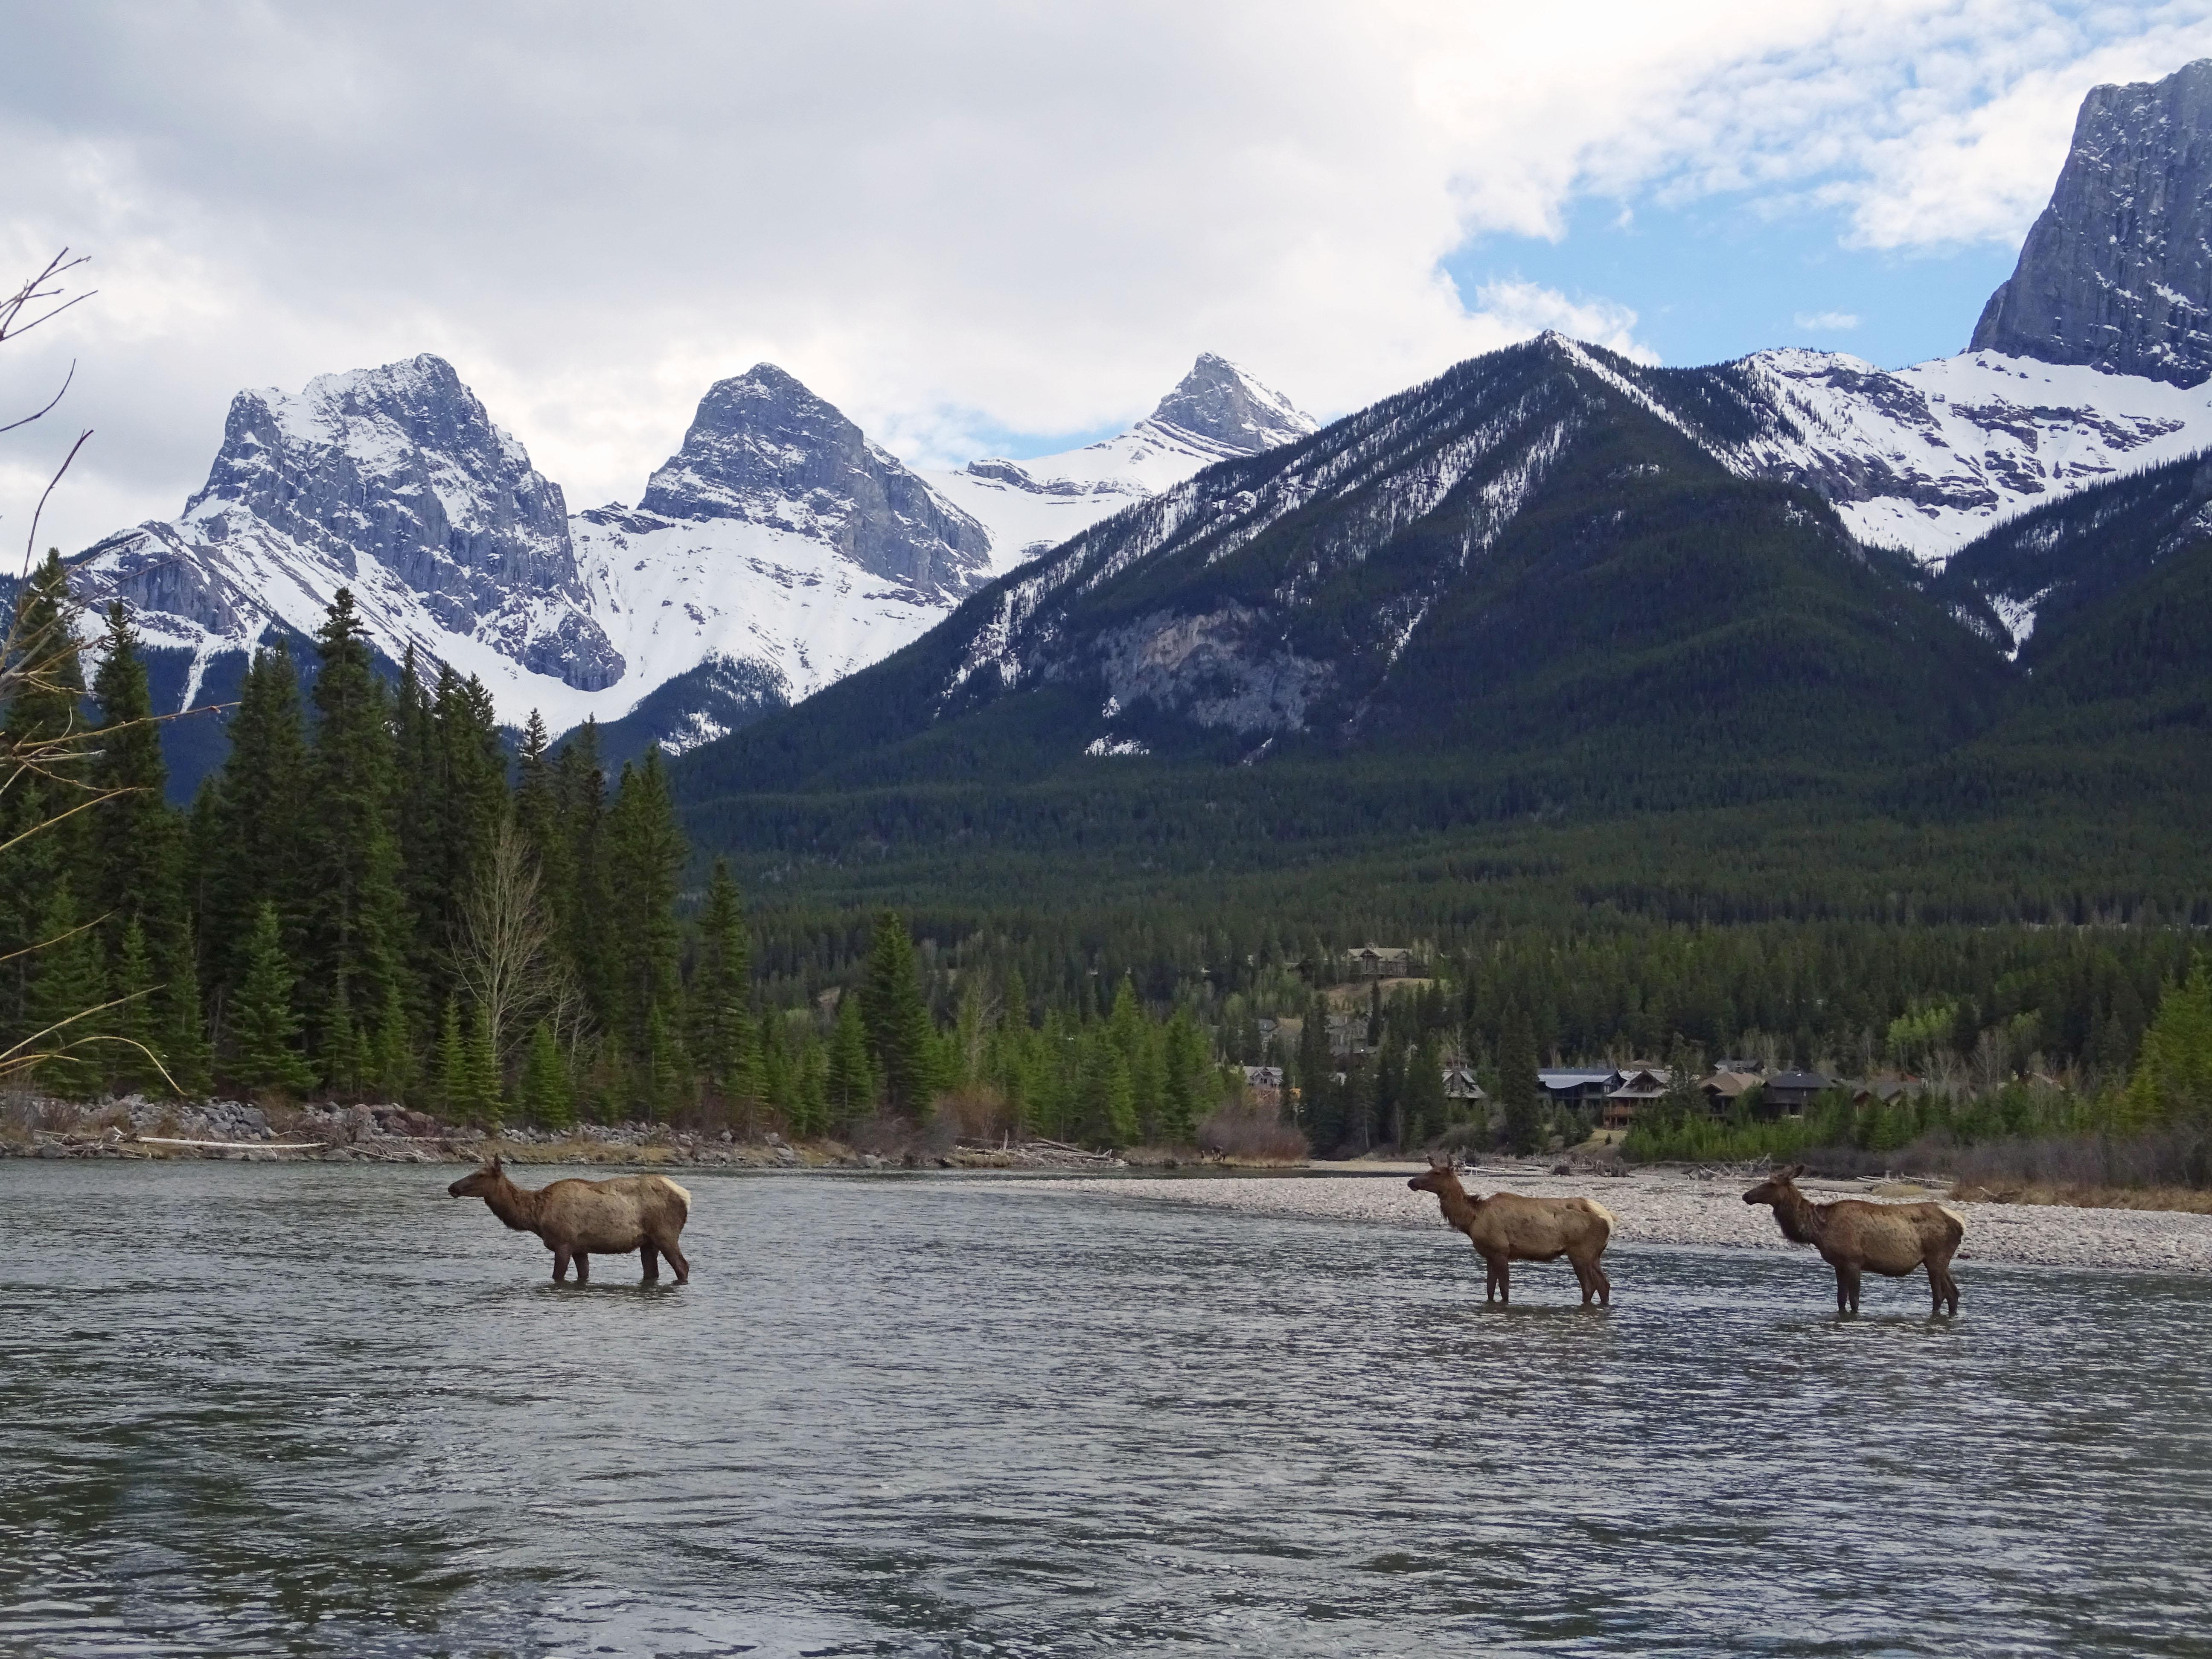 Wapitis traversant la Rivière Bow, Canmore, Alberta, Canada